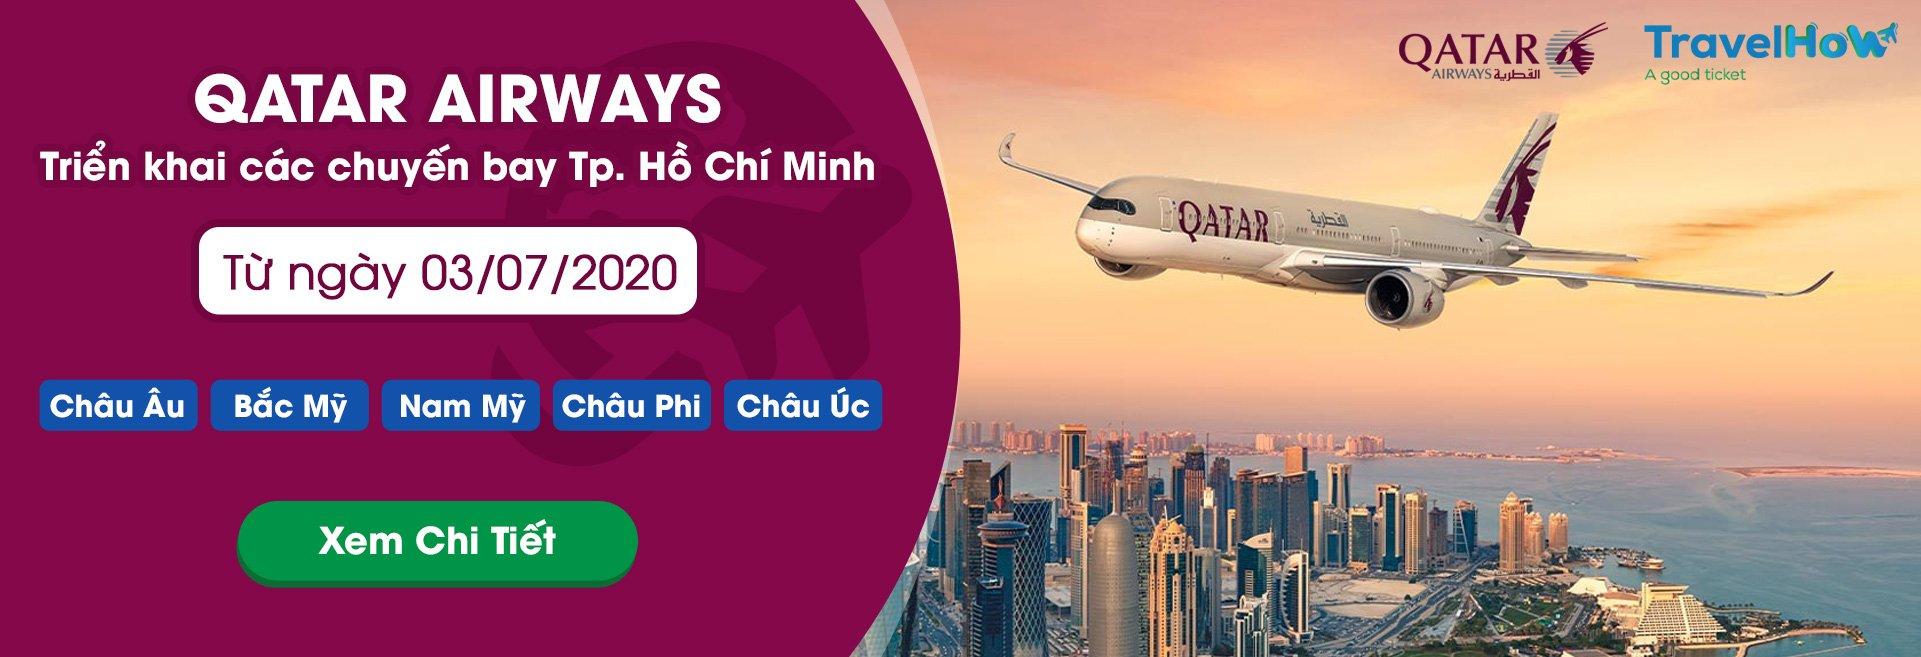 Đặt vé máy bay Qatar